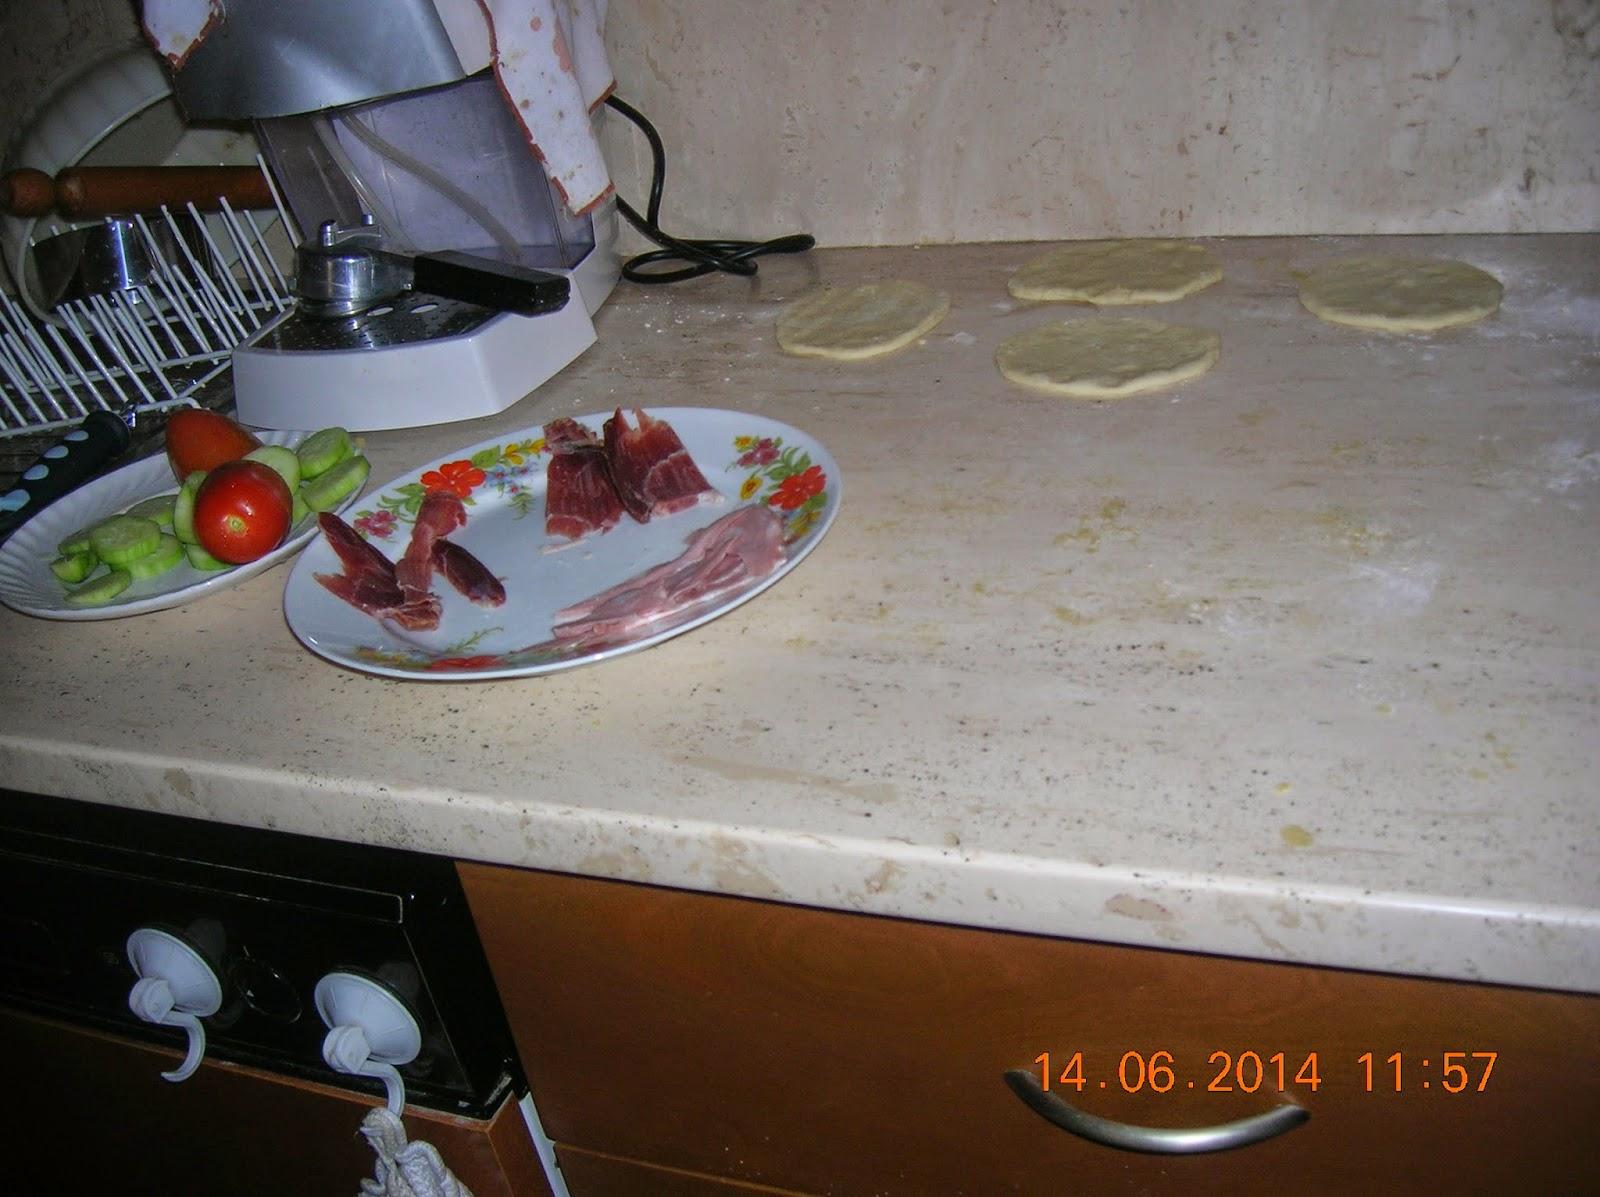 focaccine in  padella  senza lievito ...panini fatti in casa e focaccia